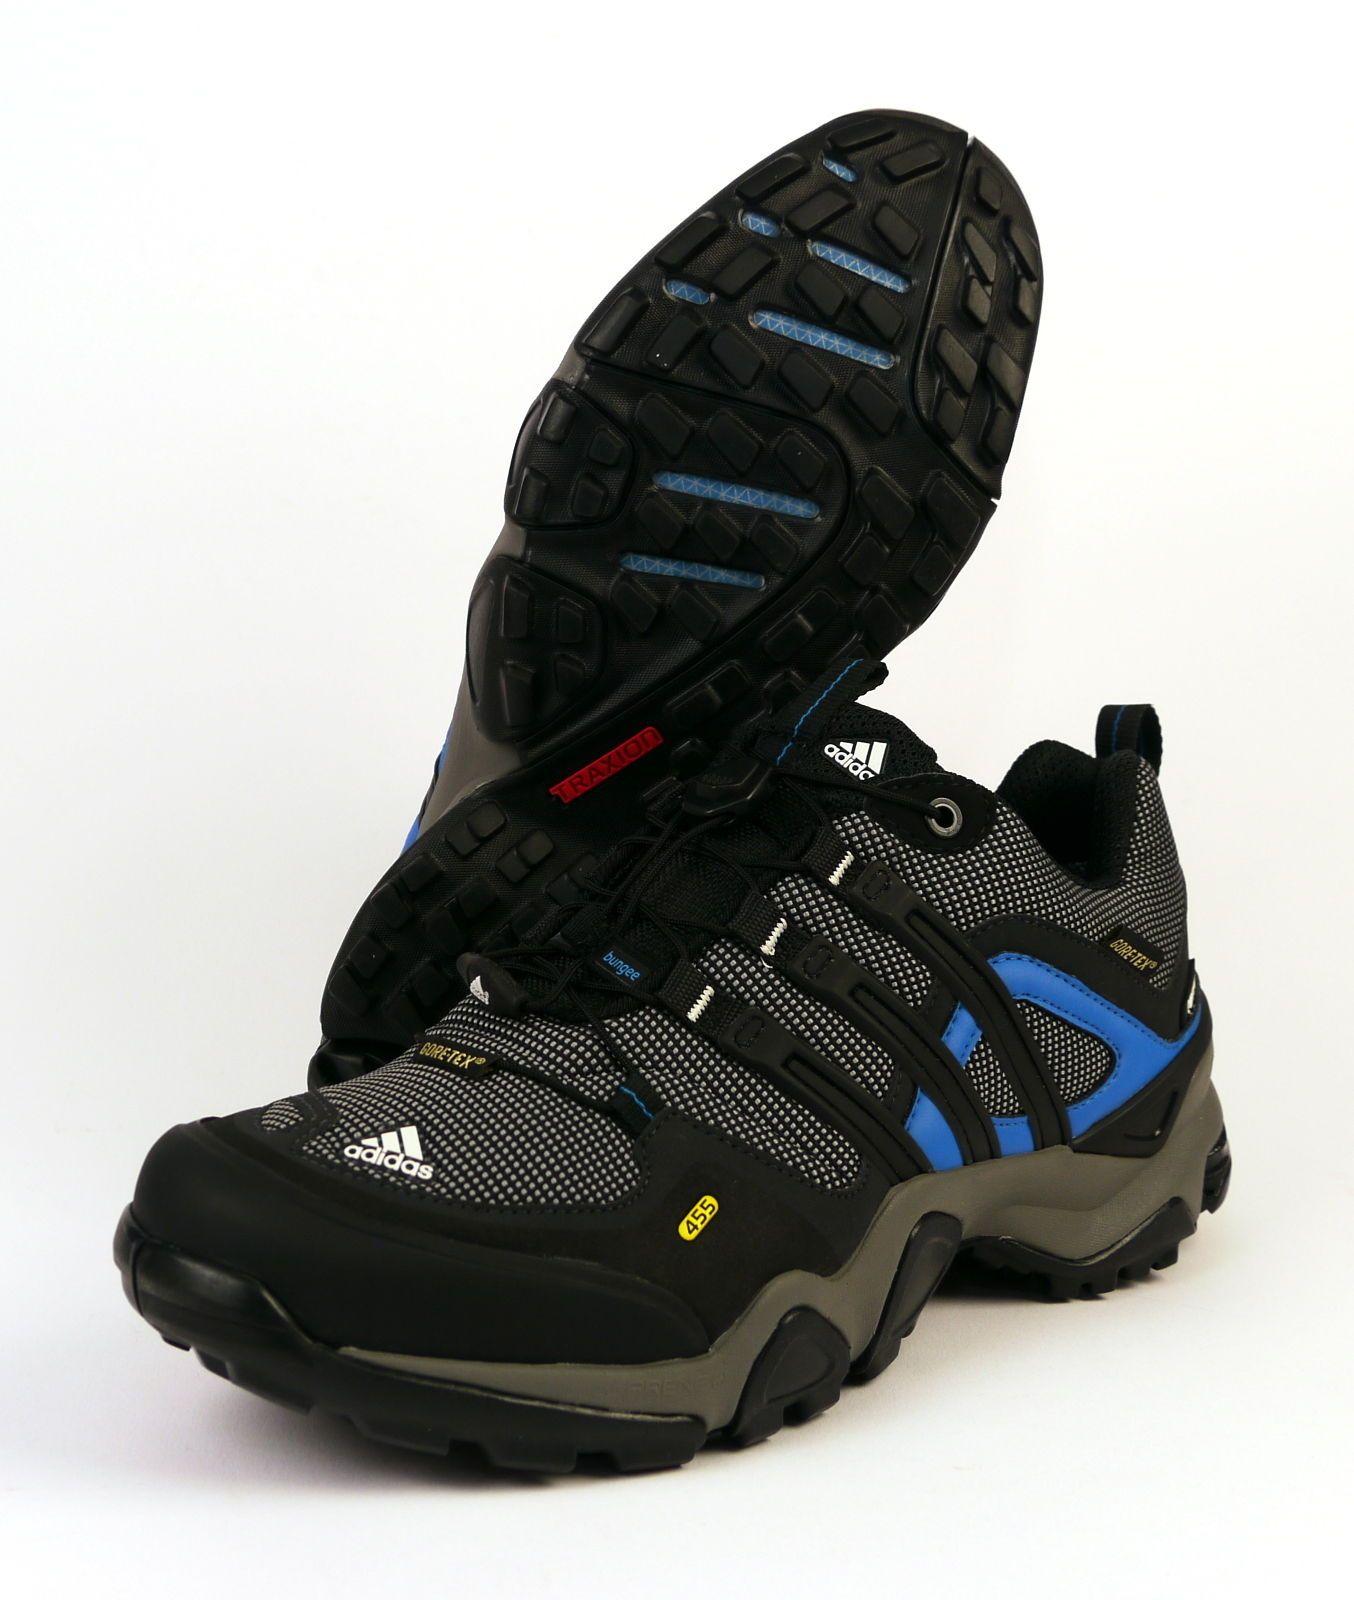 Pin von Horst Roosen auf Sportluxustreter | Hiking Boots